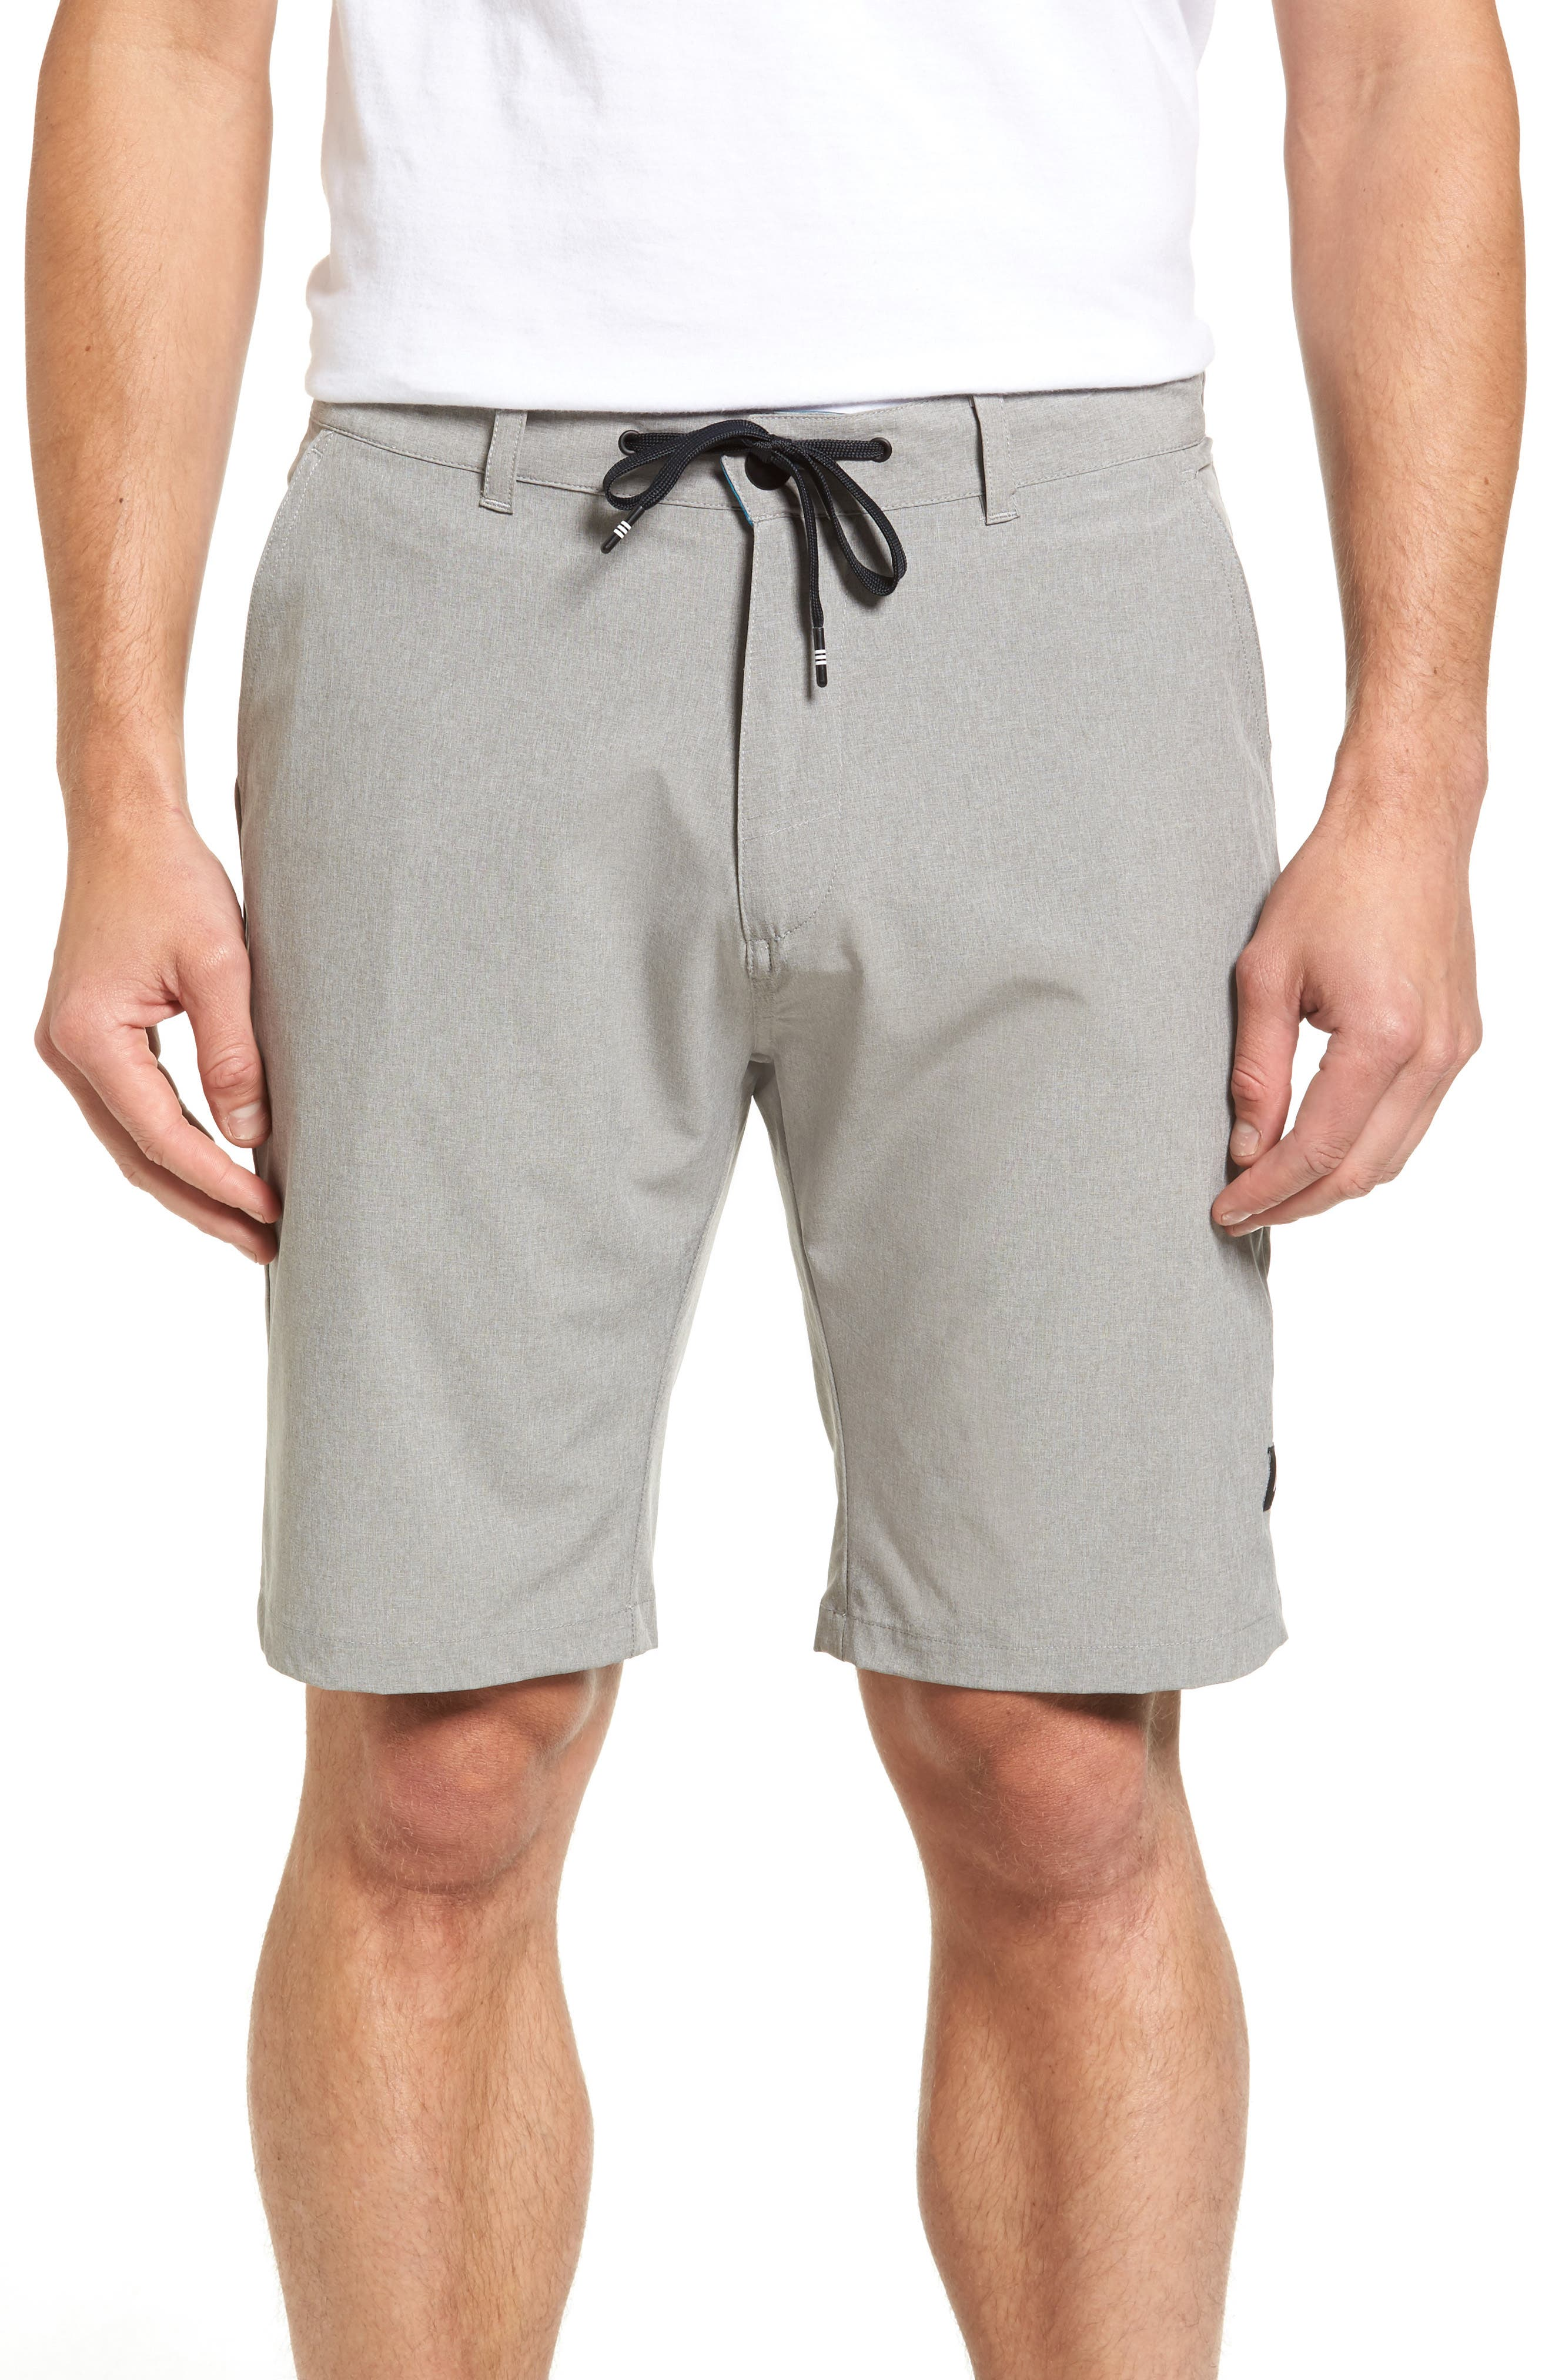 Freedom Carbon Cruiser Shorts,                             Main thumbnail 1, color,                             Grey